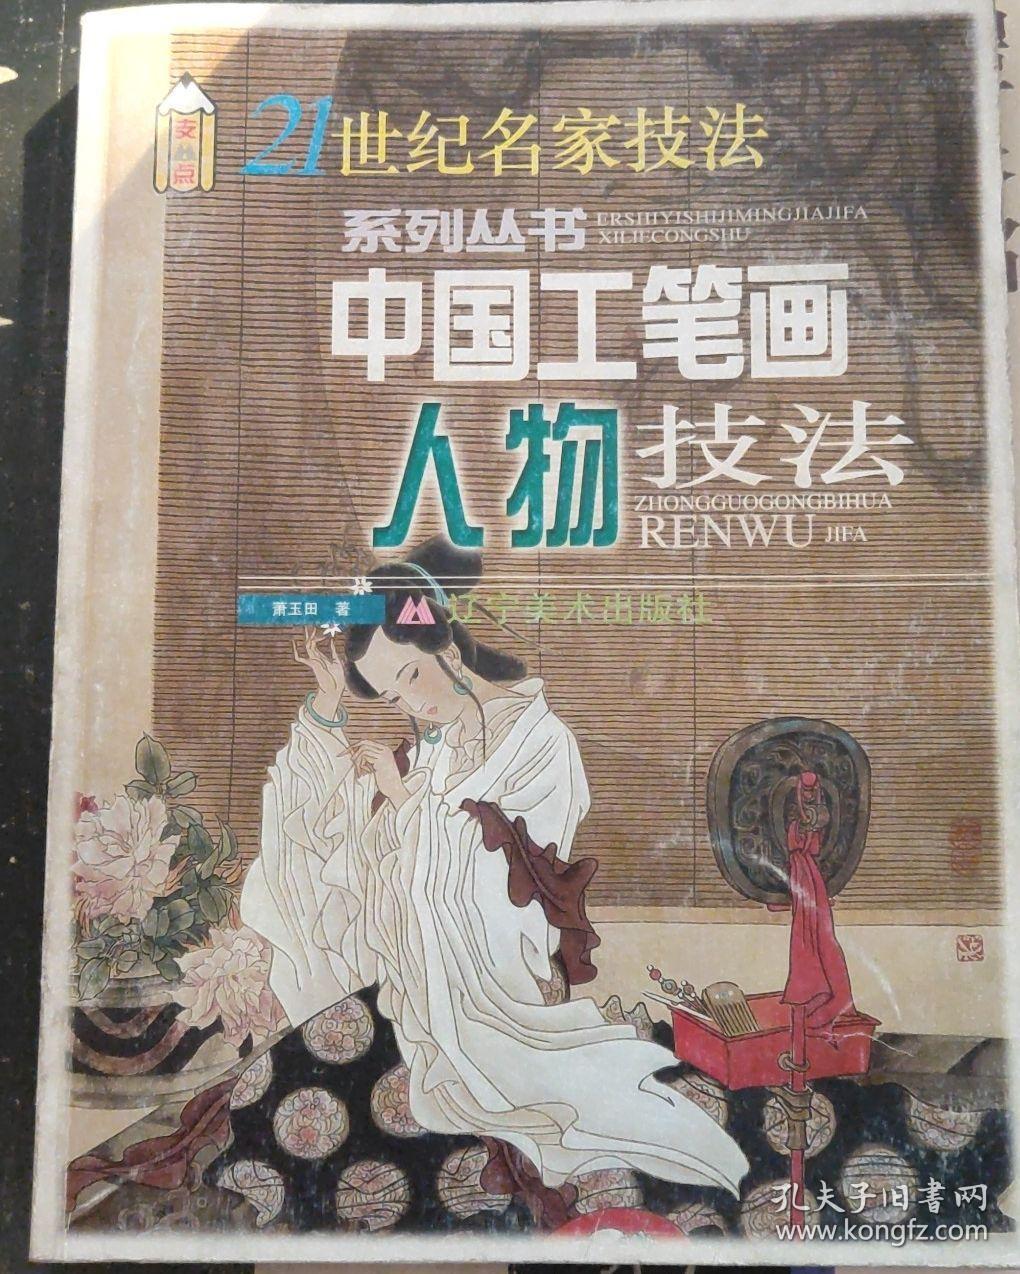 21世纪名家技法系列丛书 中国工笔画人物技法 一版一印